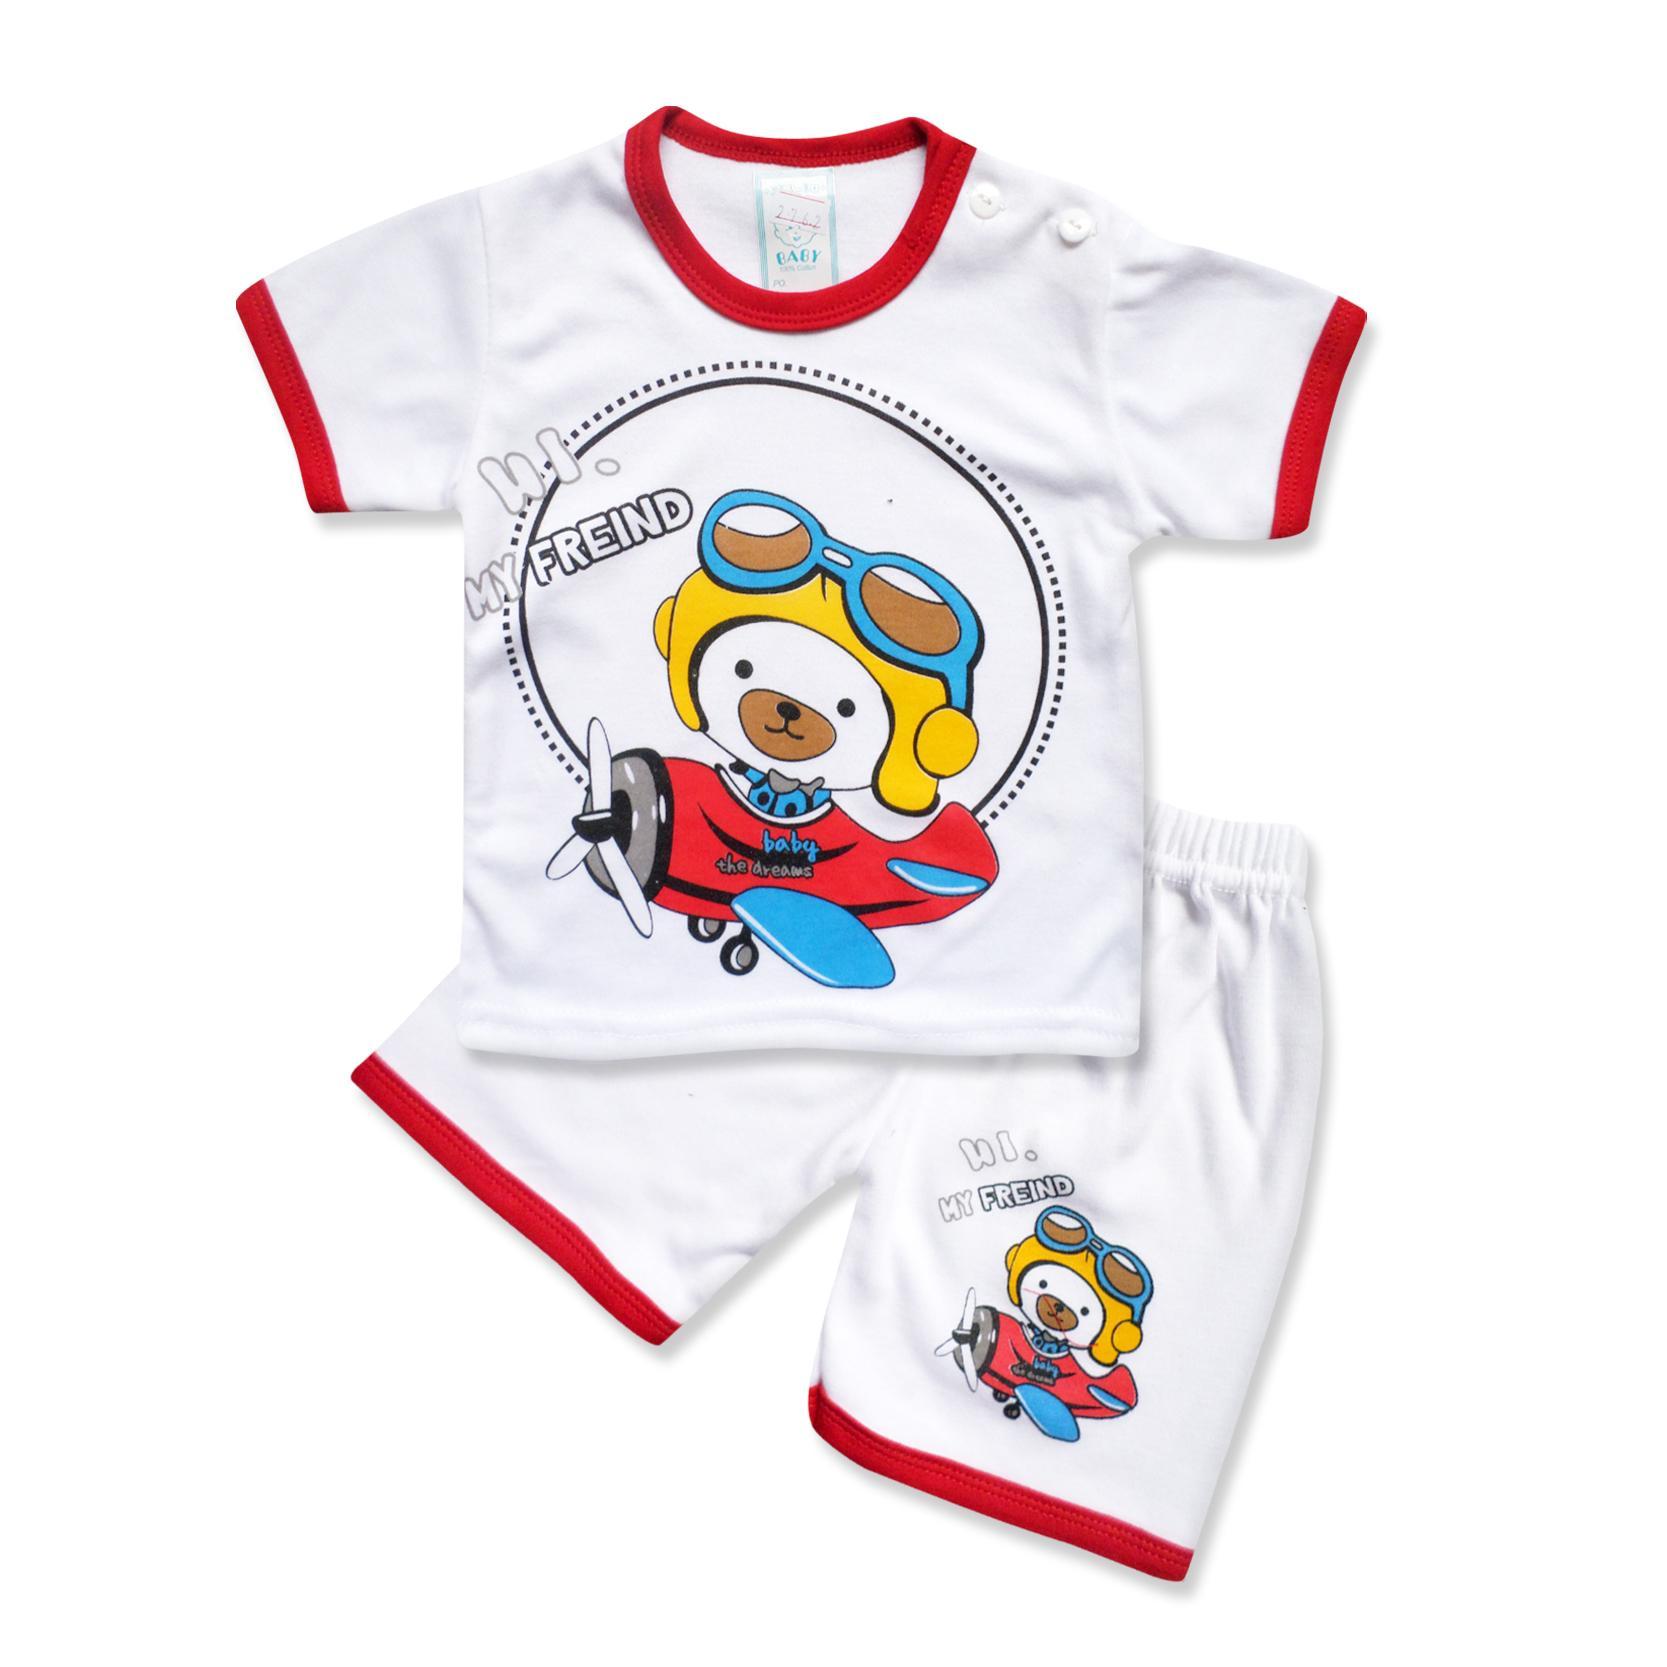 Skabe Baby Putih Baju Tangan Pendek Anak Bayi Laki Laki Setelan Kaos 2762 Everyday By Waka Kids.